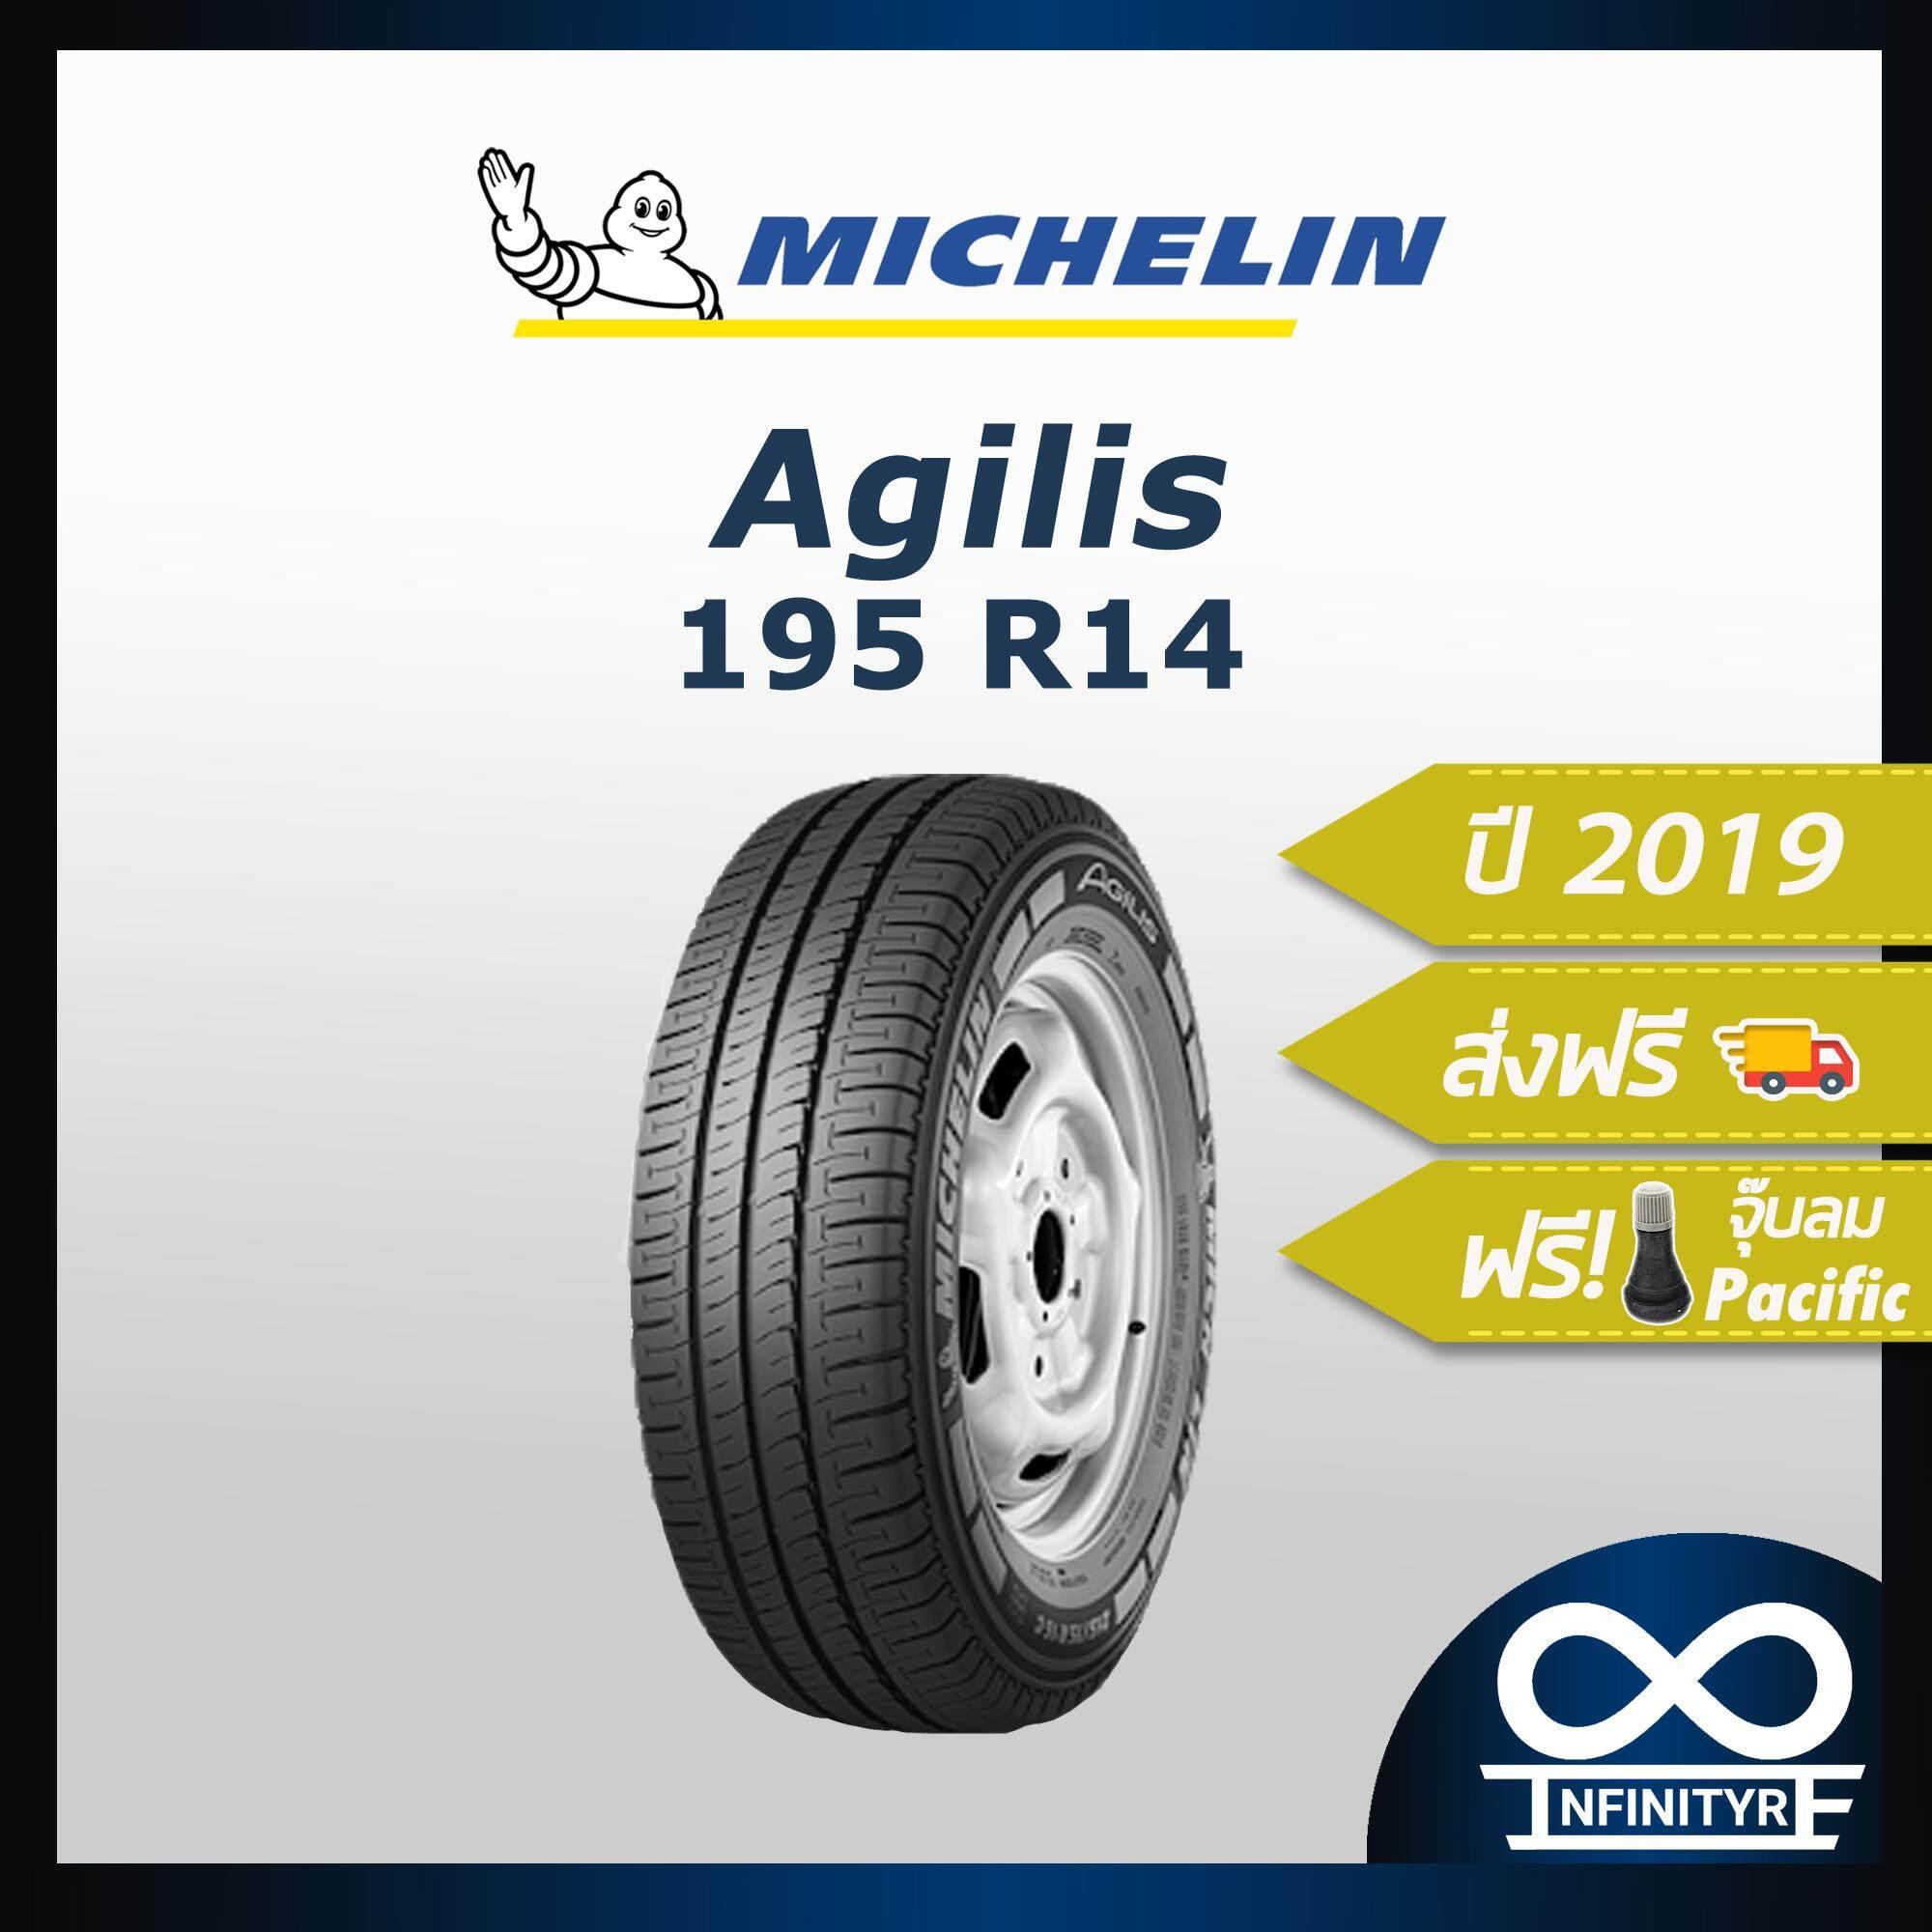 ประกันภัย รถยนต์ ชั้น 3 ราคา ถูก นครนายก 195R14 Michelin มิชลิน รุ่น Agilis (ปี2019) ฟรี! จุ๊บลมPacific เกรดพรีเมี่ยม